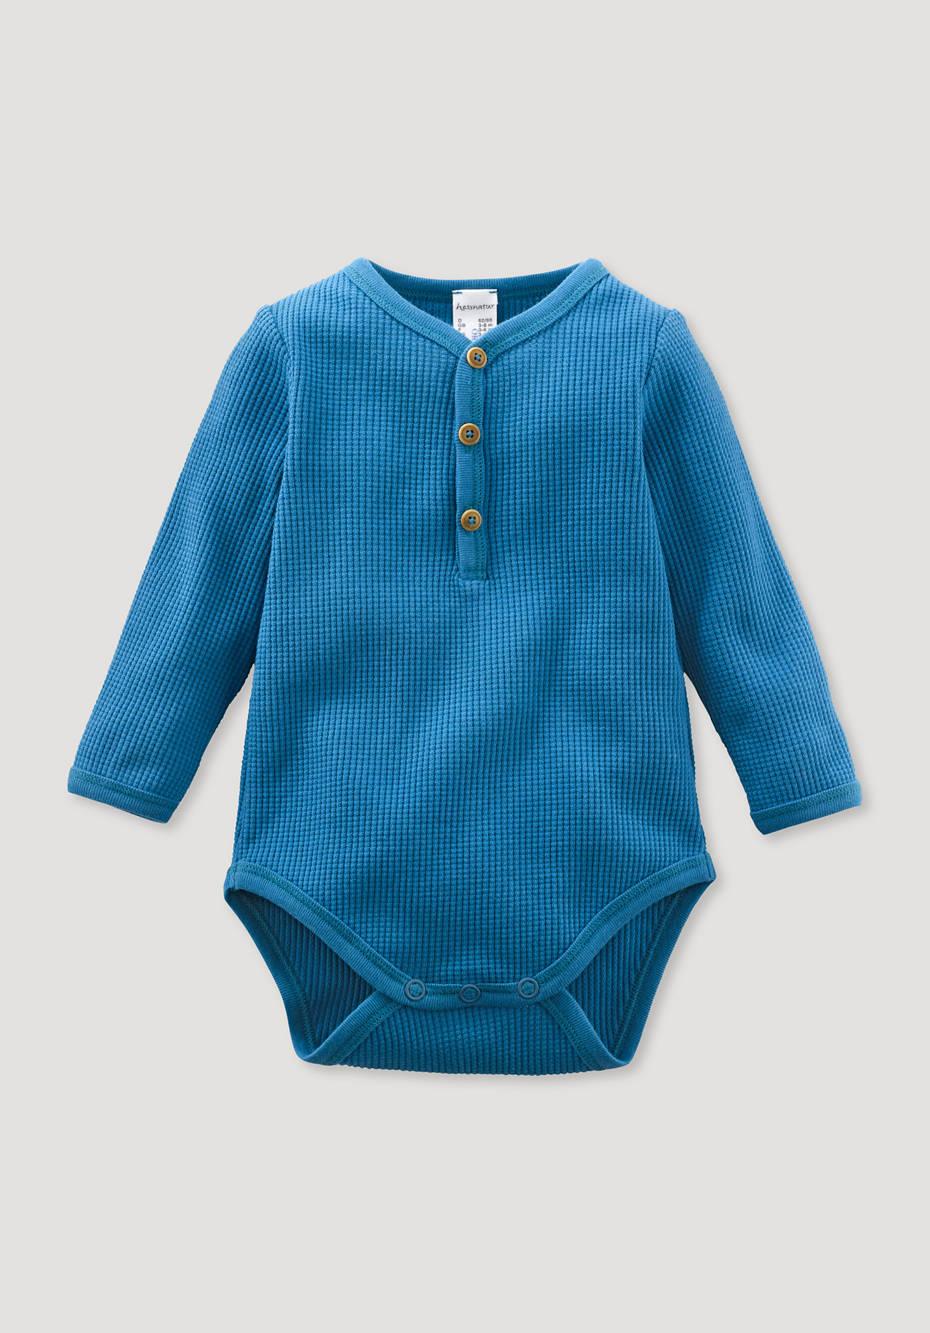 hessnatur Baby M/ädchen und Jungen Unisex Langarmbody 2er-Set aus Reiner Bio-Baumwolle